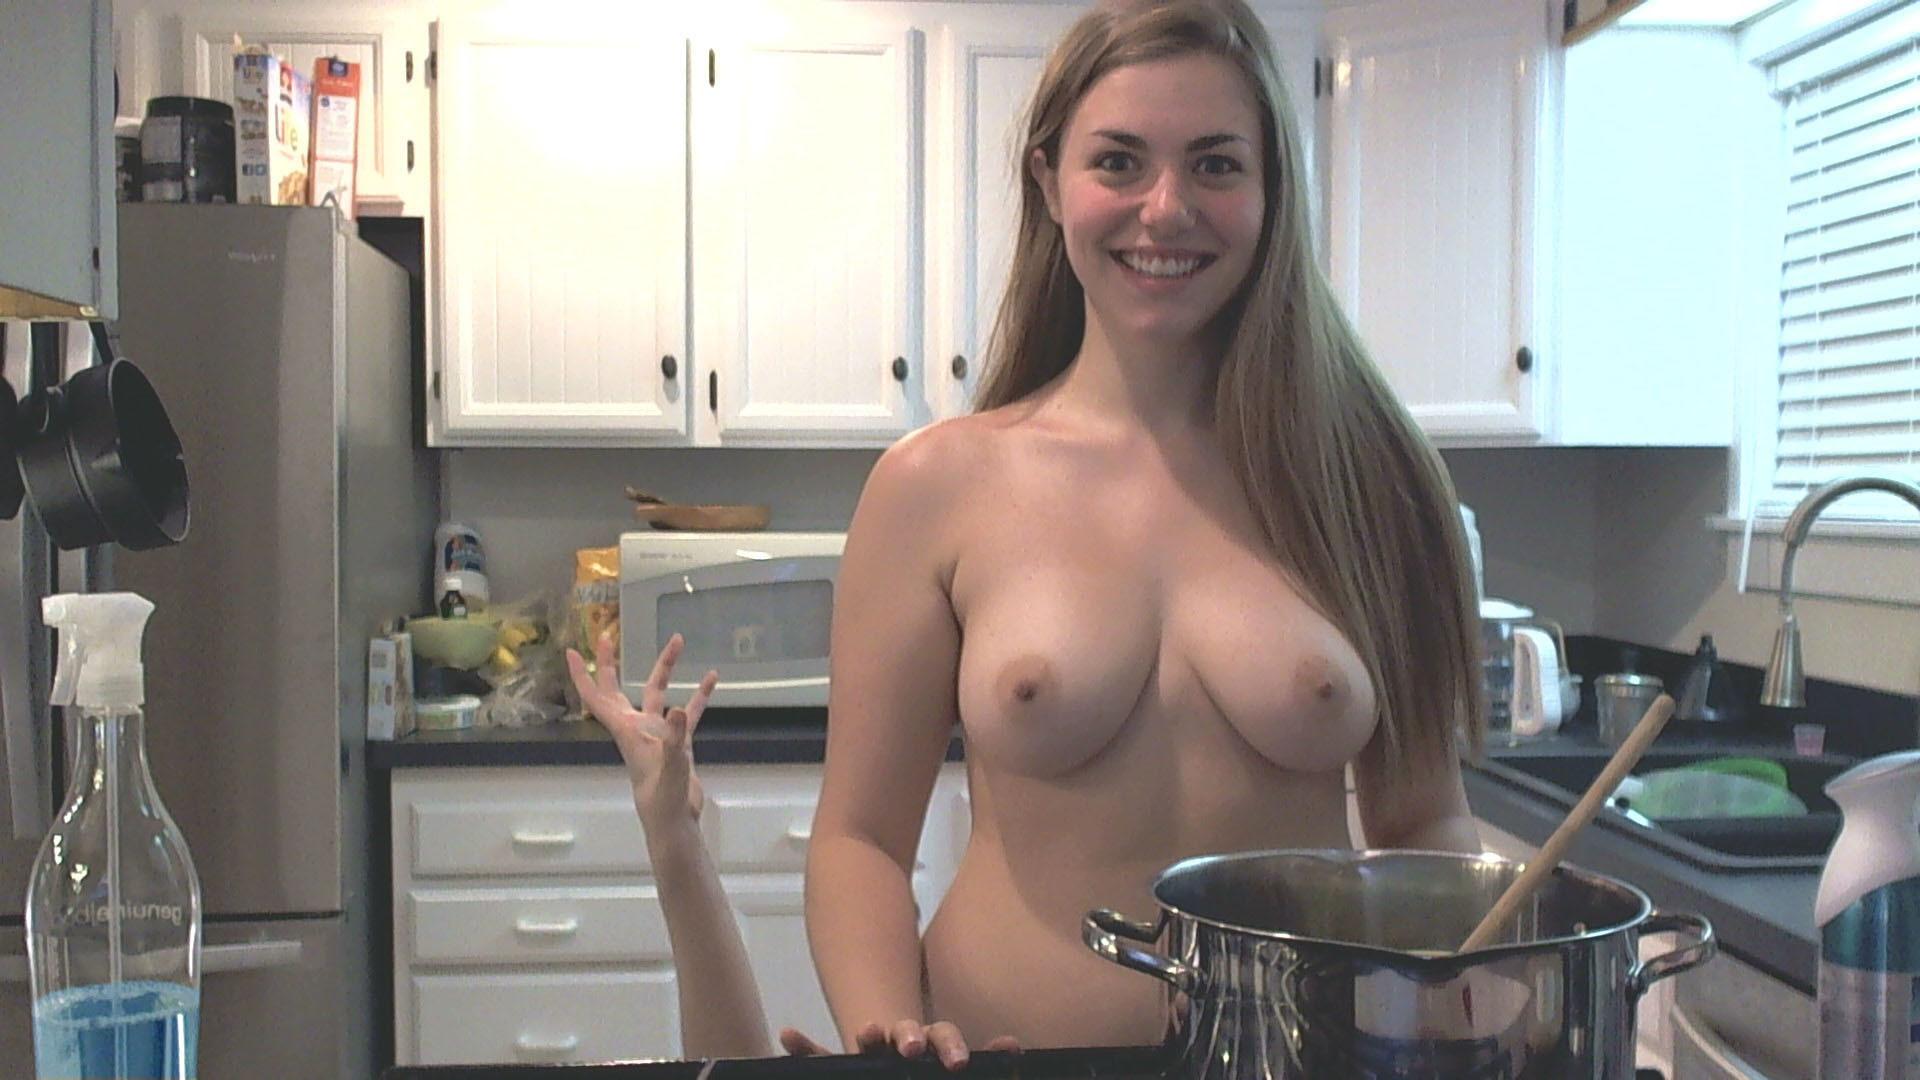 Девушки развлекаются в компании друг друга на кухне с помощью взаимных ласк и прочего баловства